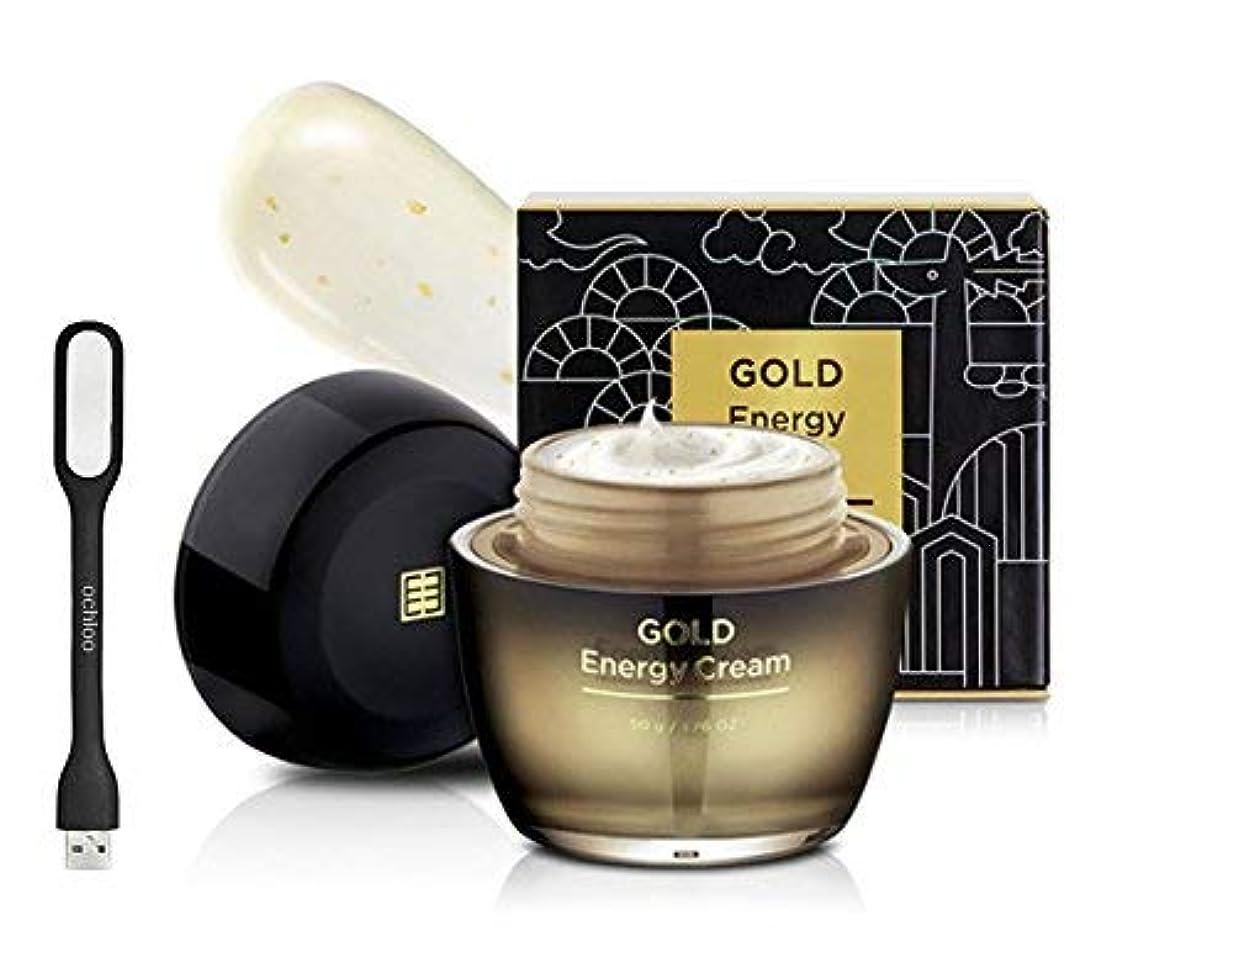 結晶開拓者奨学金ESTHEMED エステメド ゴールド エネルギー クリーム GOLD Energy Cream 50g 【 シワ改善 美肌 保湿 回復 韓国コスメ 】